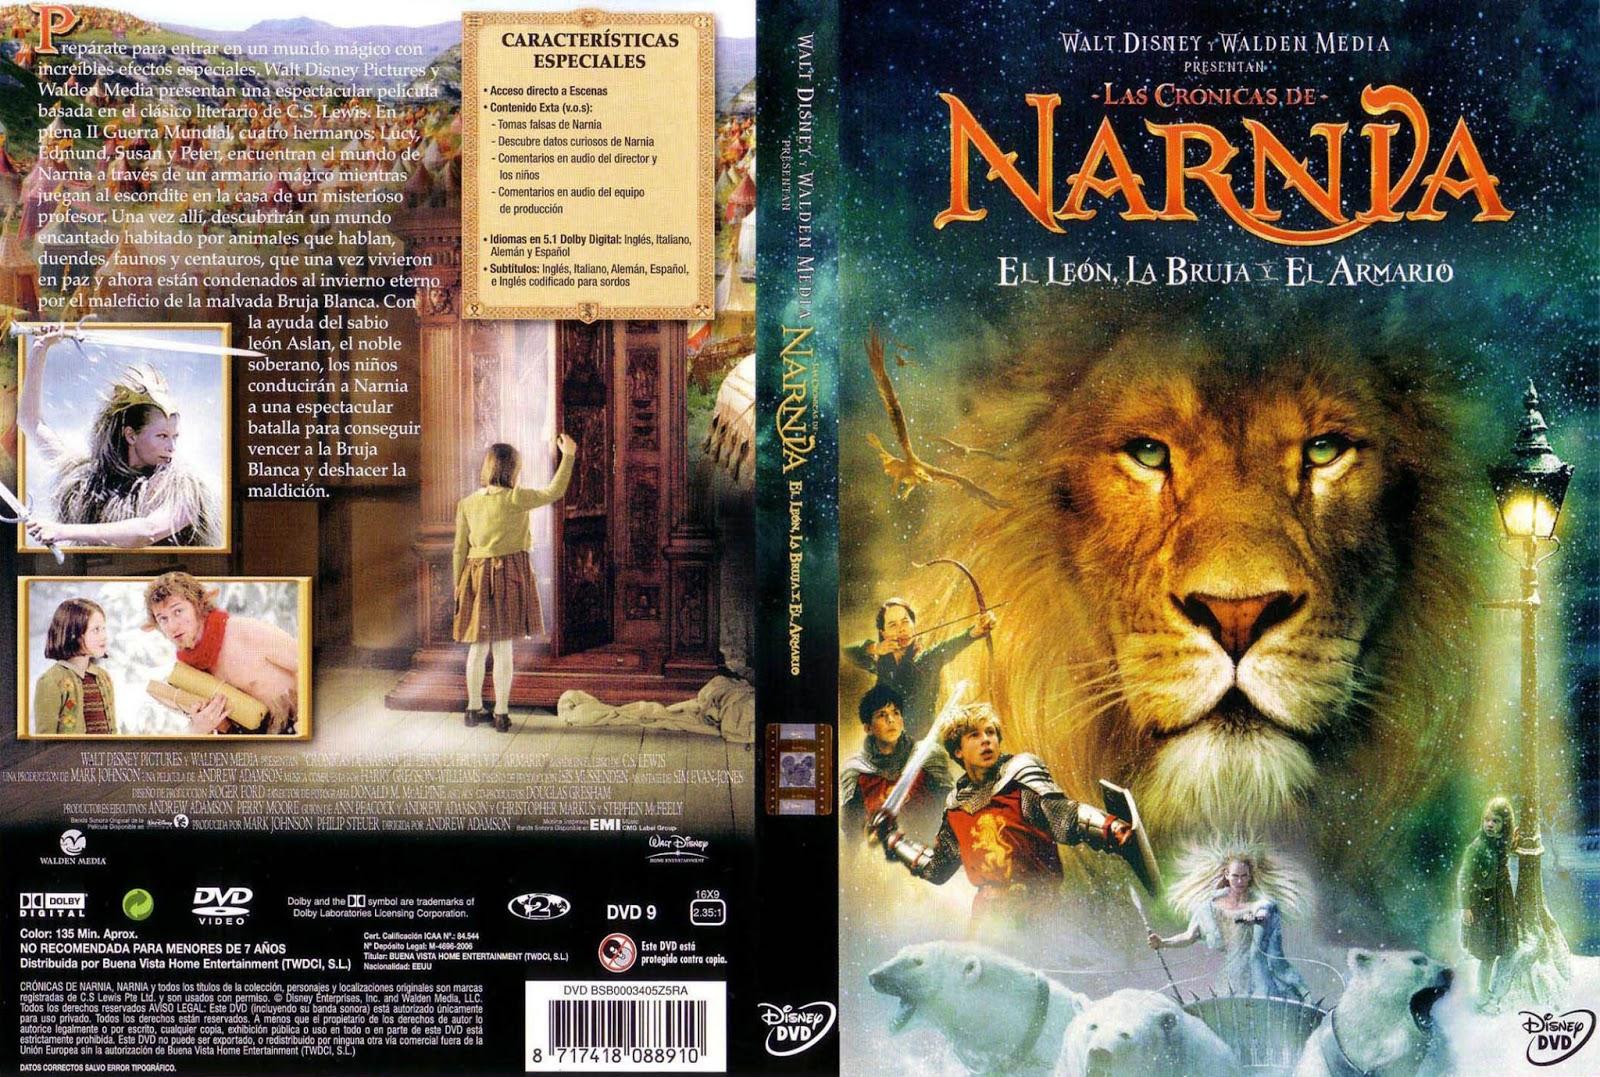 Las Cronicas De Narnia El Leon, La Bruja y el Armario DVD